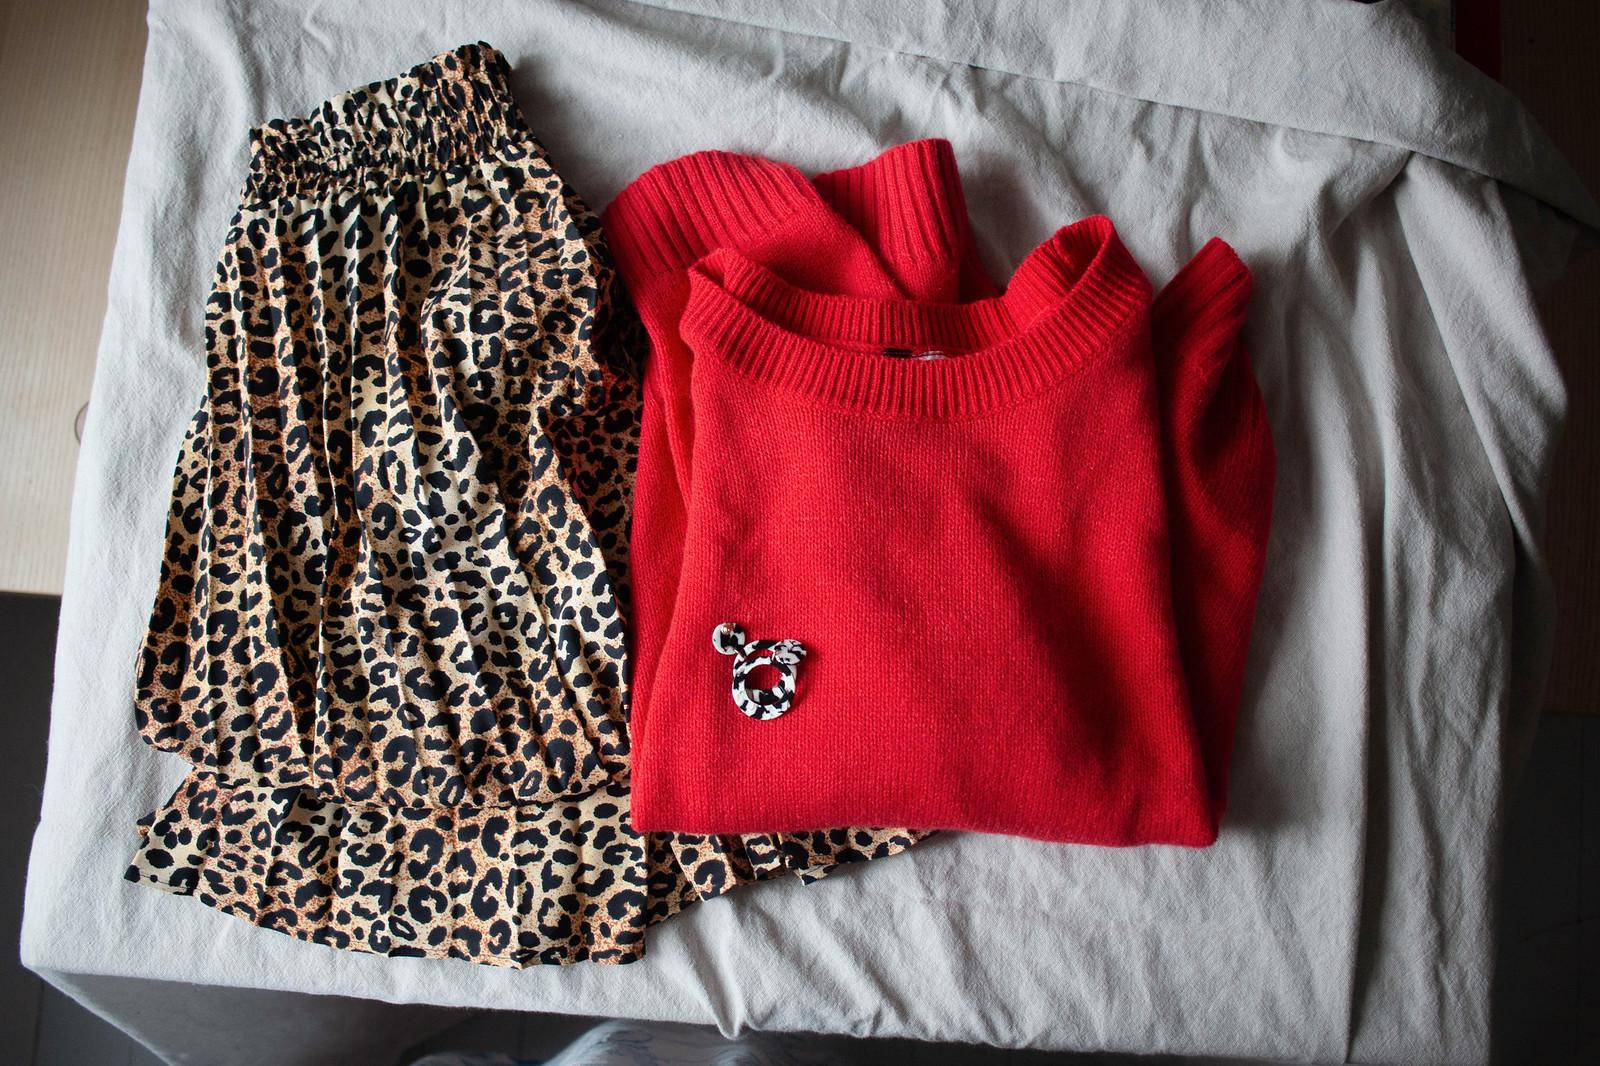 8fcc0cb41352 jag har letat efter en leopardmönstrad kjol ganska länge nu. efter en som  inte är så brun utan lite gladare. hittade den plus klarröda tröjan  häromdagen på ...